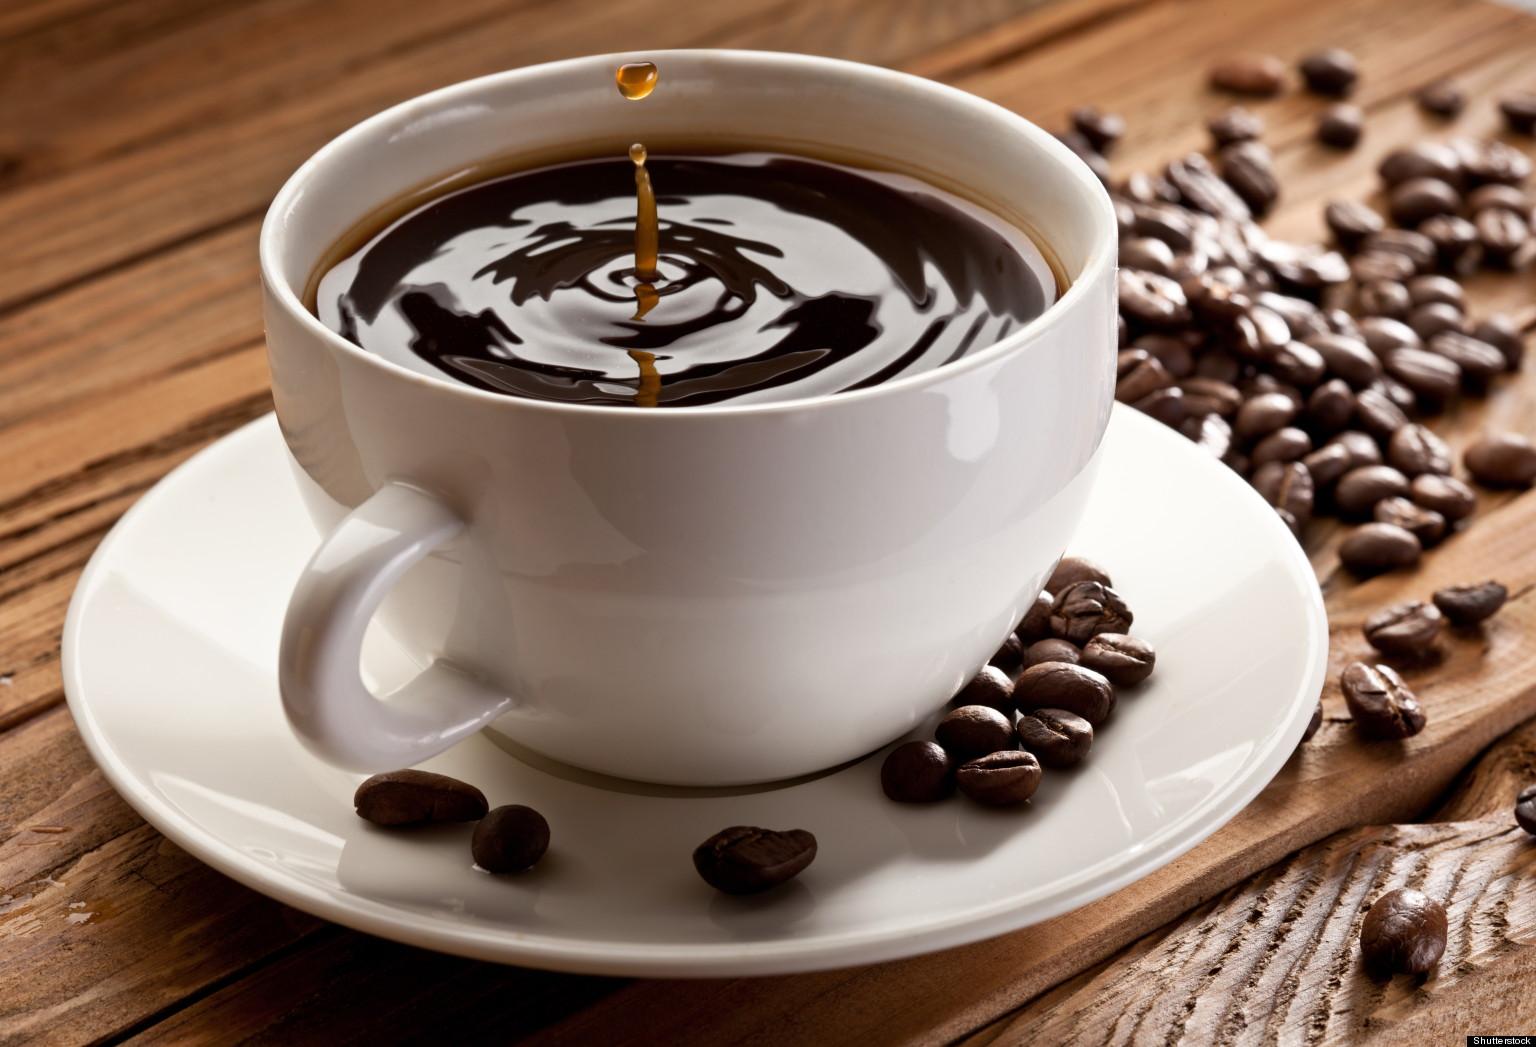 Bạn chỉ nên mua cà phê đủ dùng trong 1 – 2 tuần